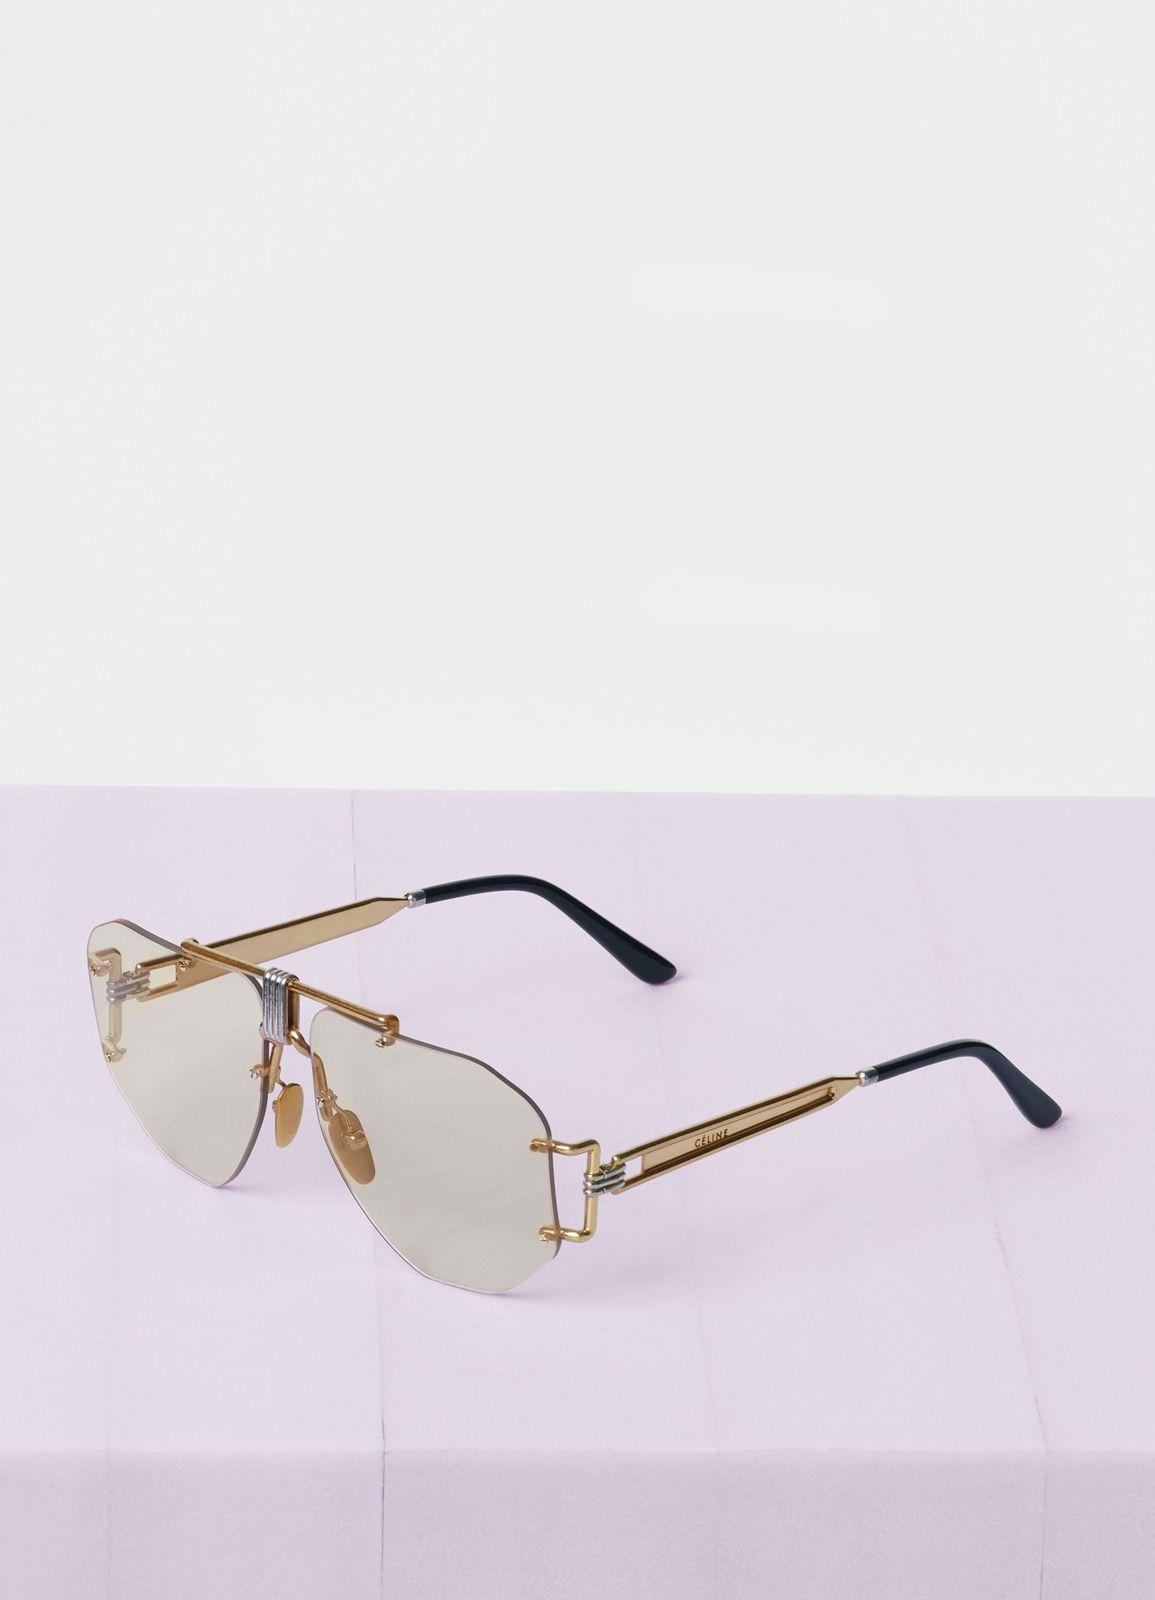 a6dc608085ff Aviator sunglasses in metal